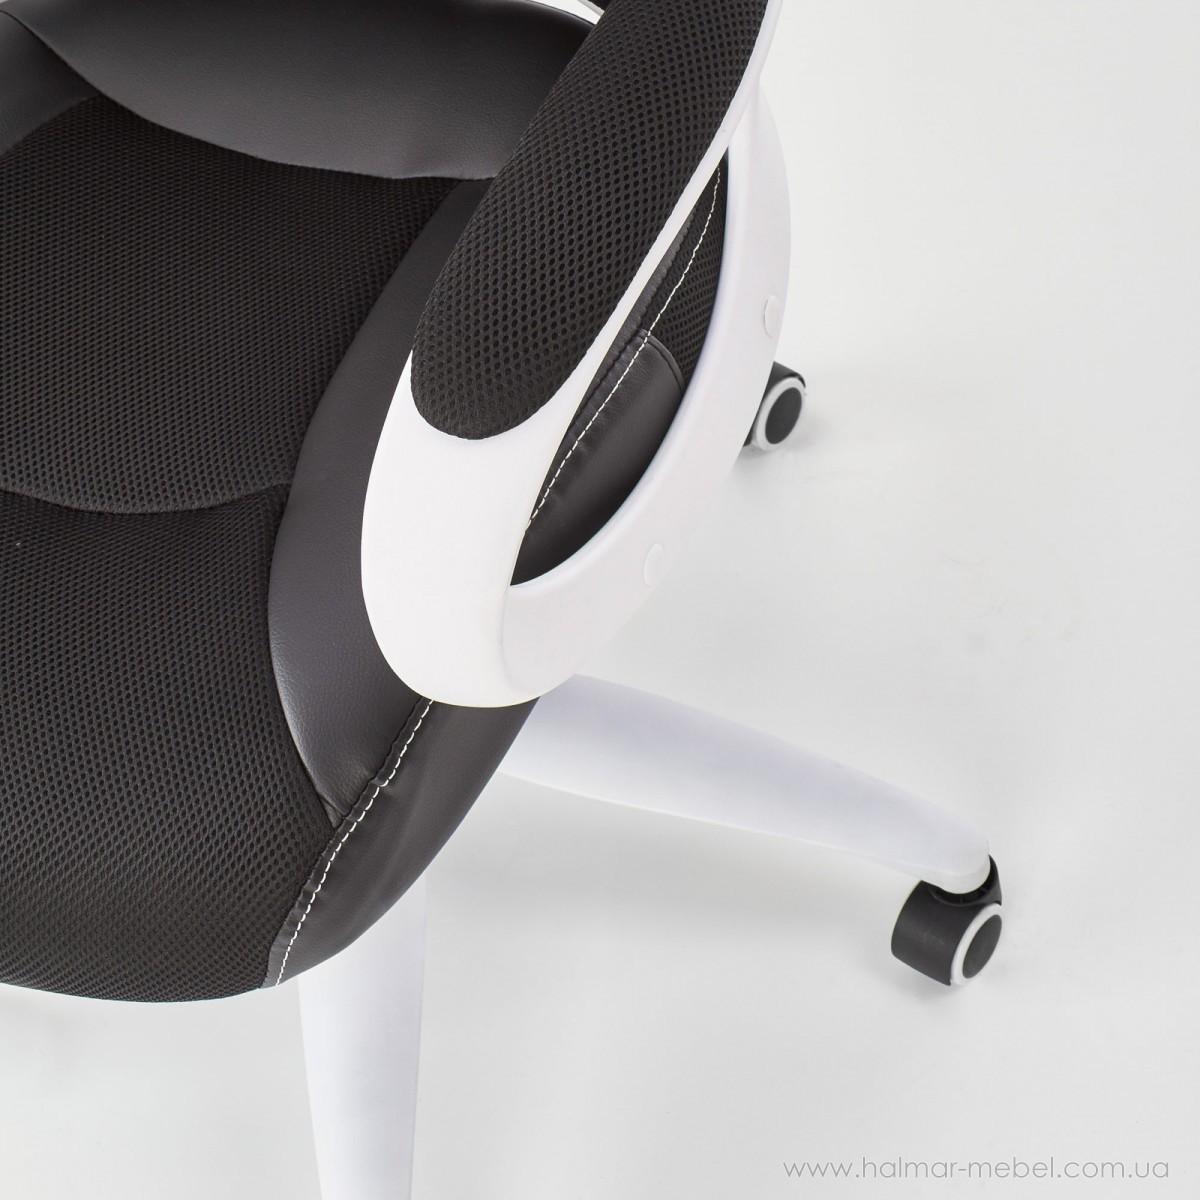 Кресло офисное STRIKER 2 HALMAR